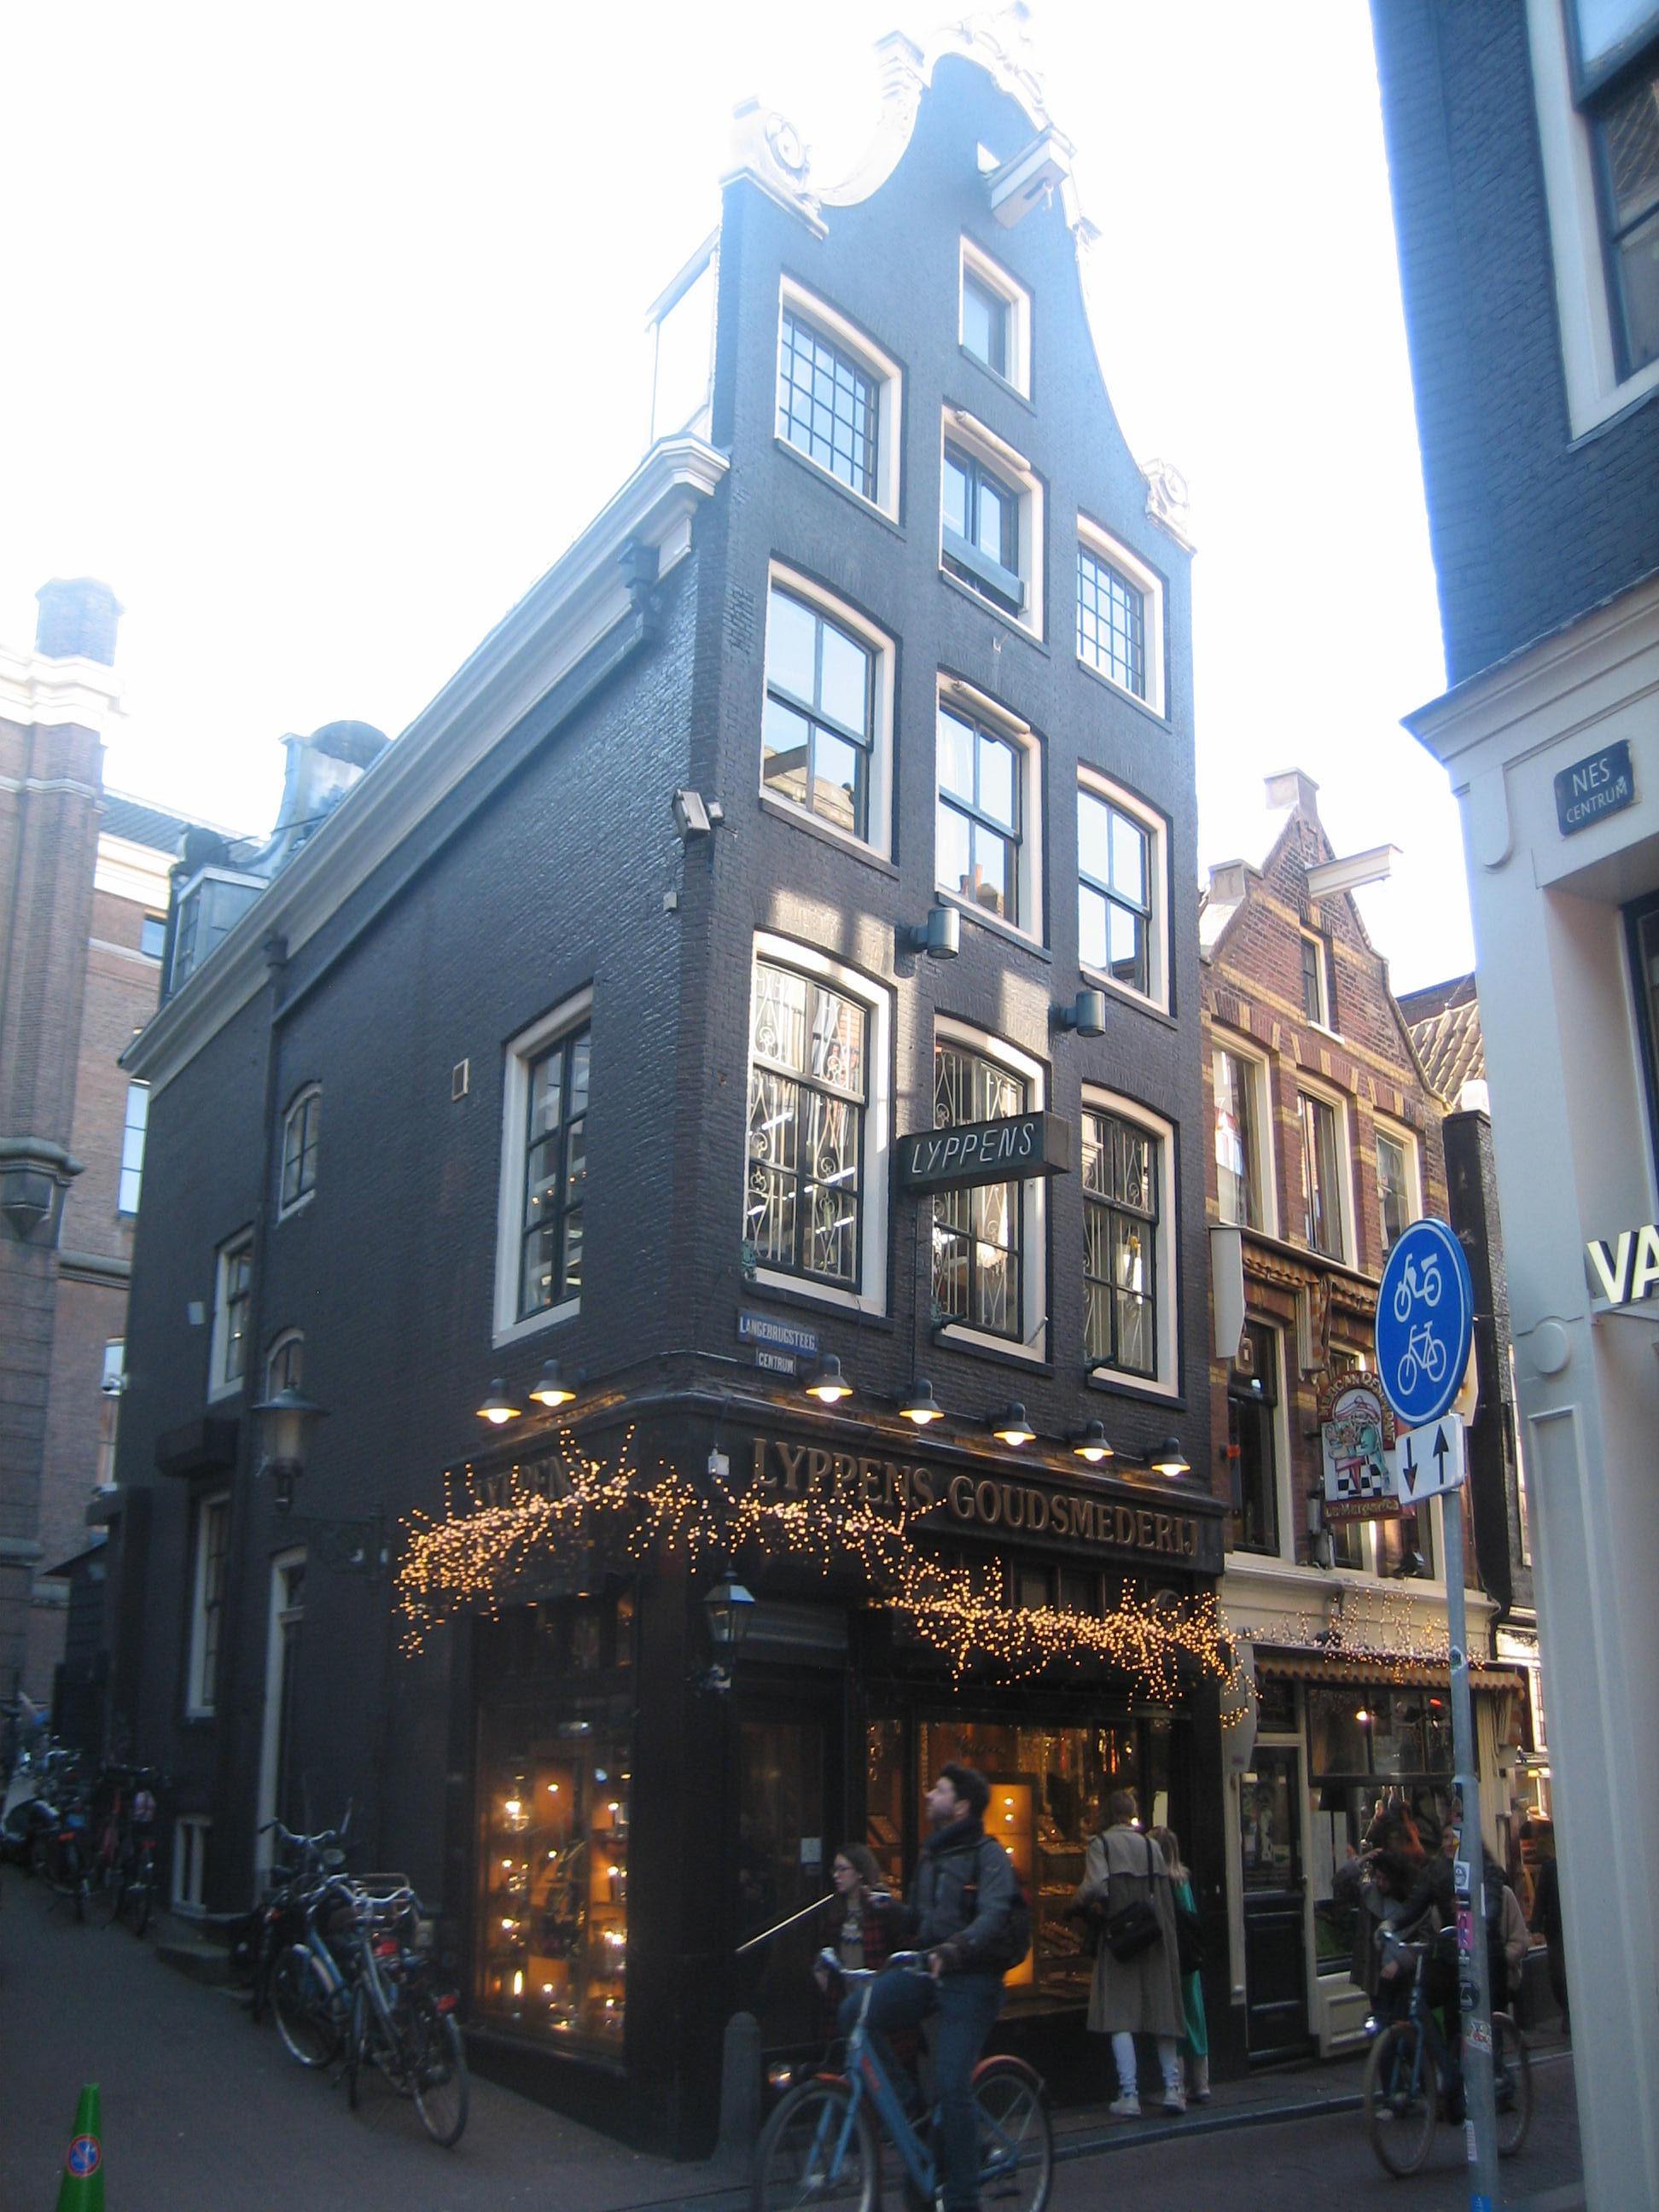 Lyppens, Sieradenkwartier, Amsterdam, 15 februari 2019. Foto Esther Doornbusch, CC BY 4.0